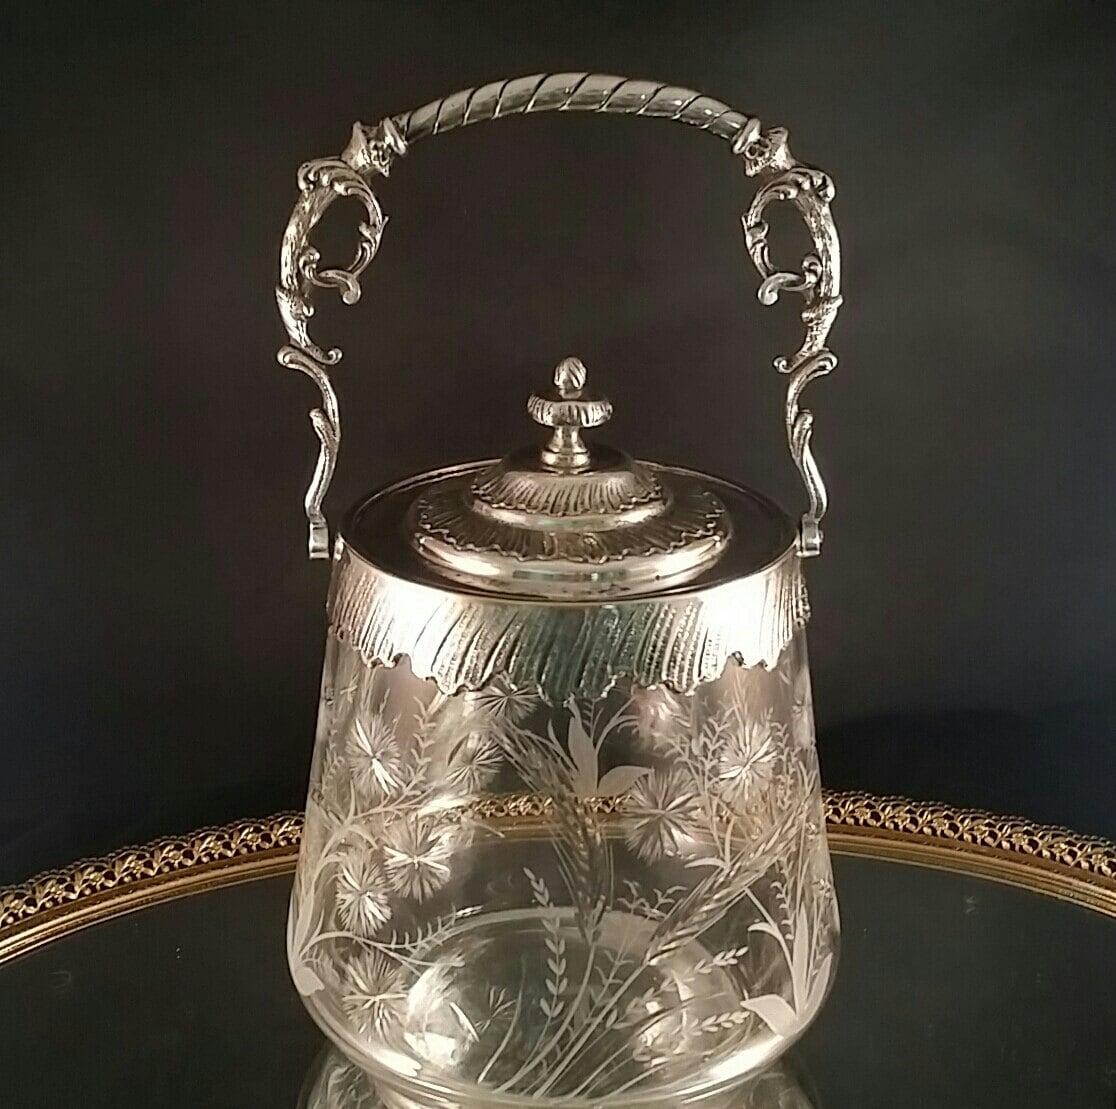 Antique Crystal Biscuit Jar Pickle Castor Glass Canister